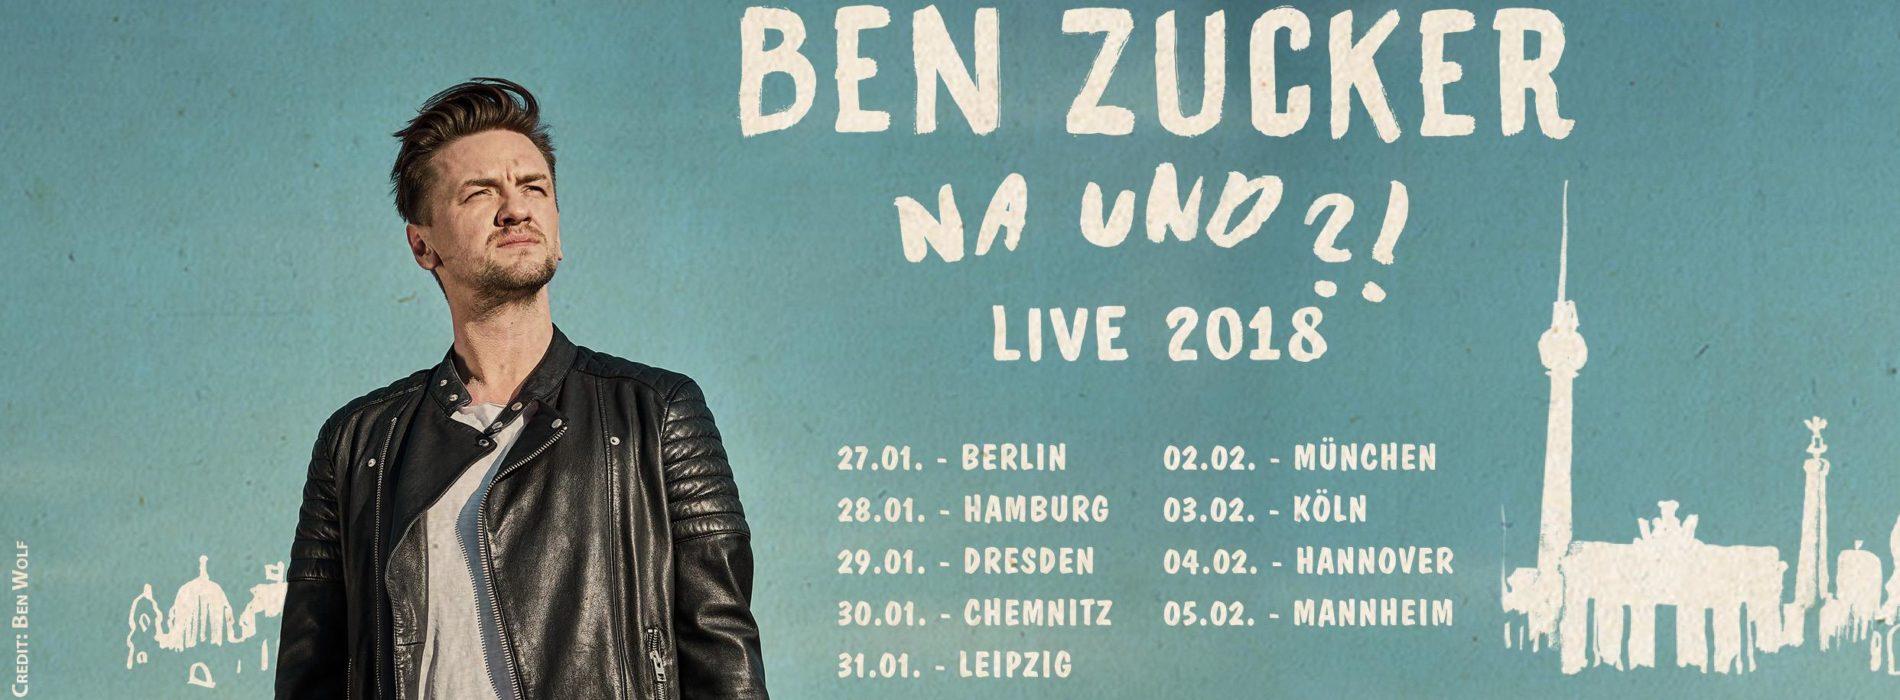 Ben Zucker auf Deutschlandtour